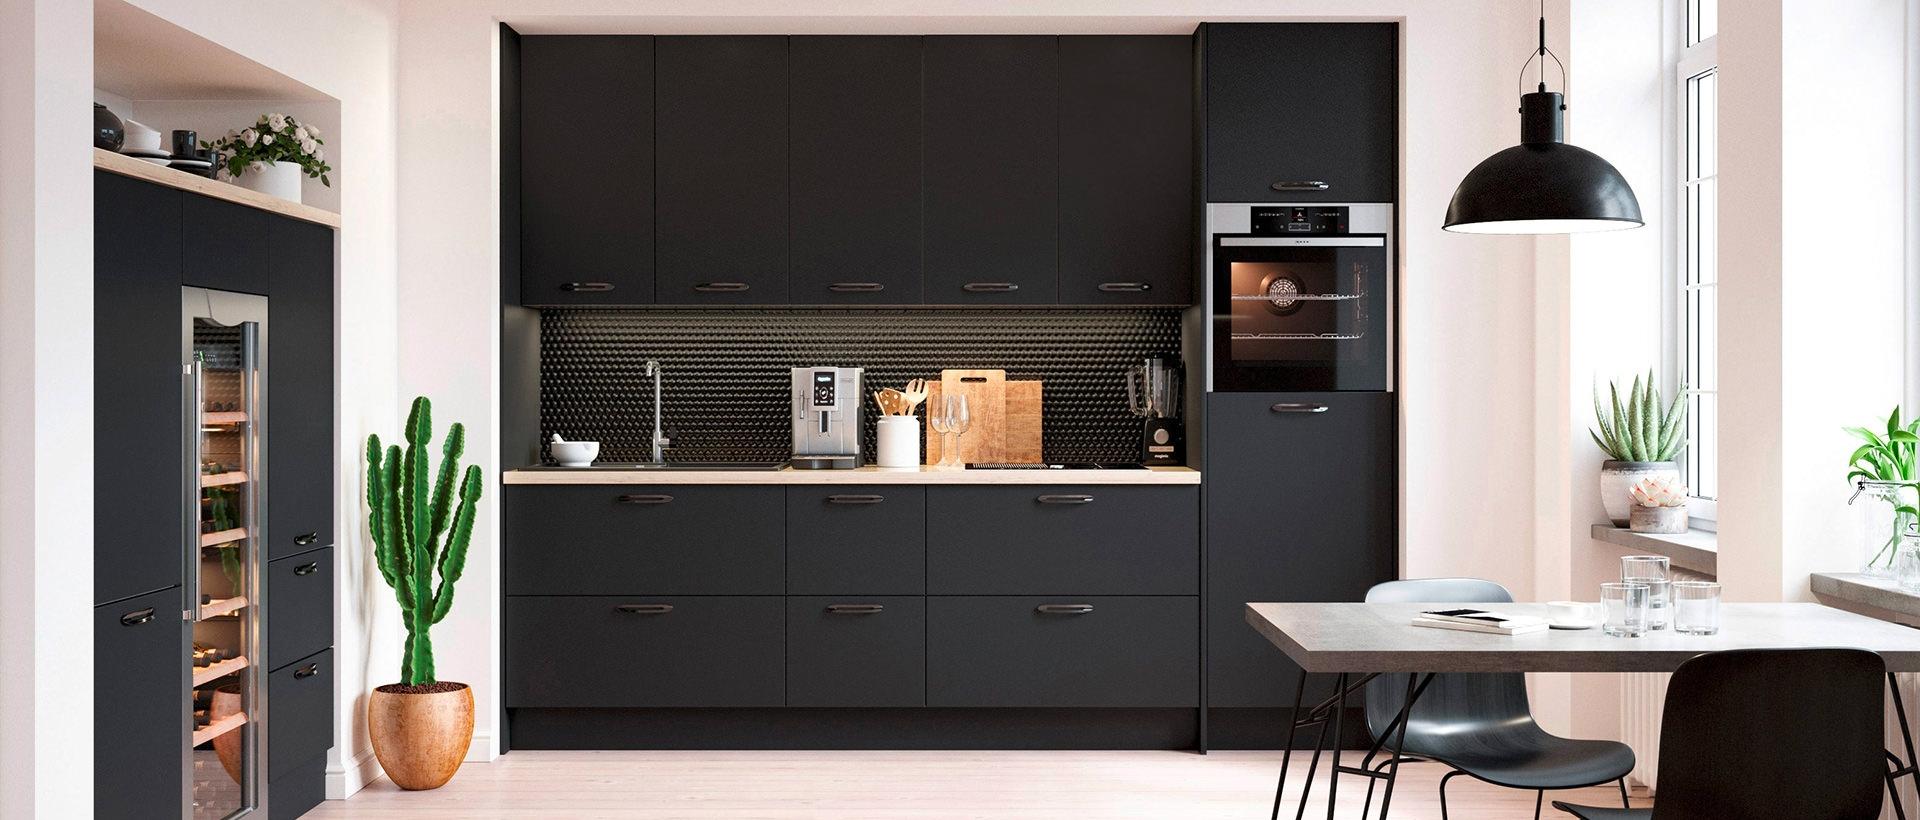 ikea rdv cuisine best cuisine with ikea rdv cuisine top. Black Bedroom Furniture Sets. Home Design Ideas